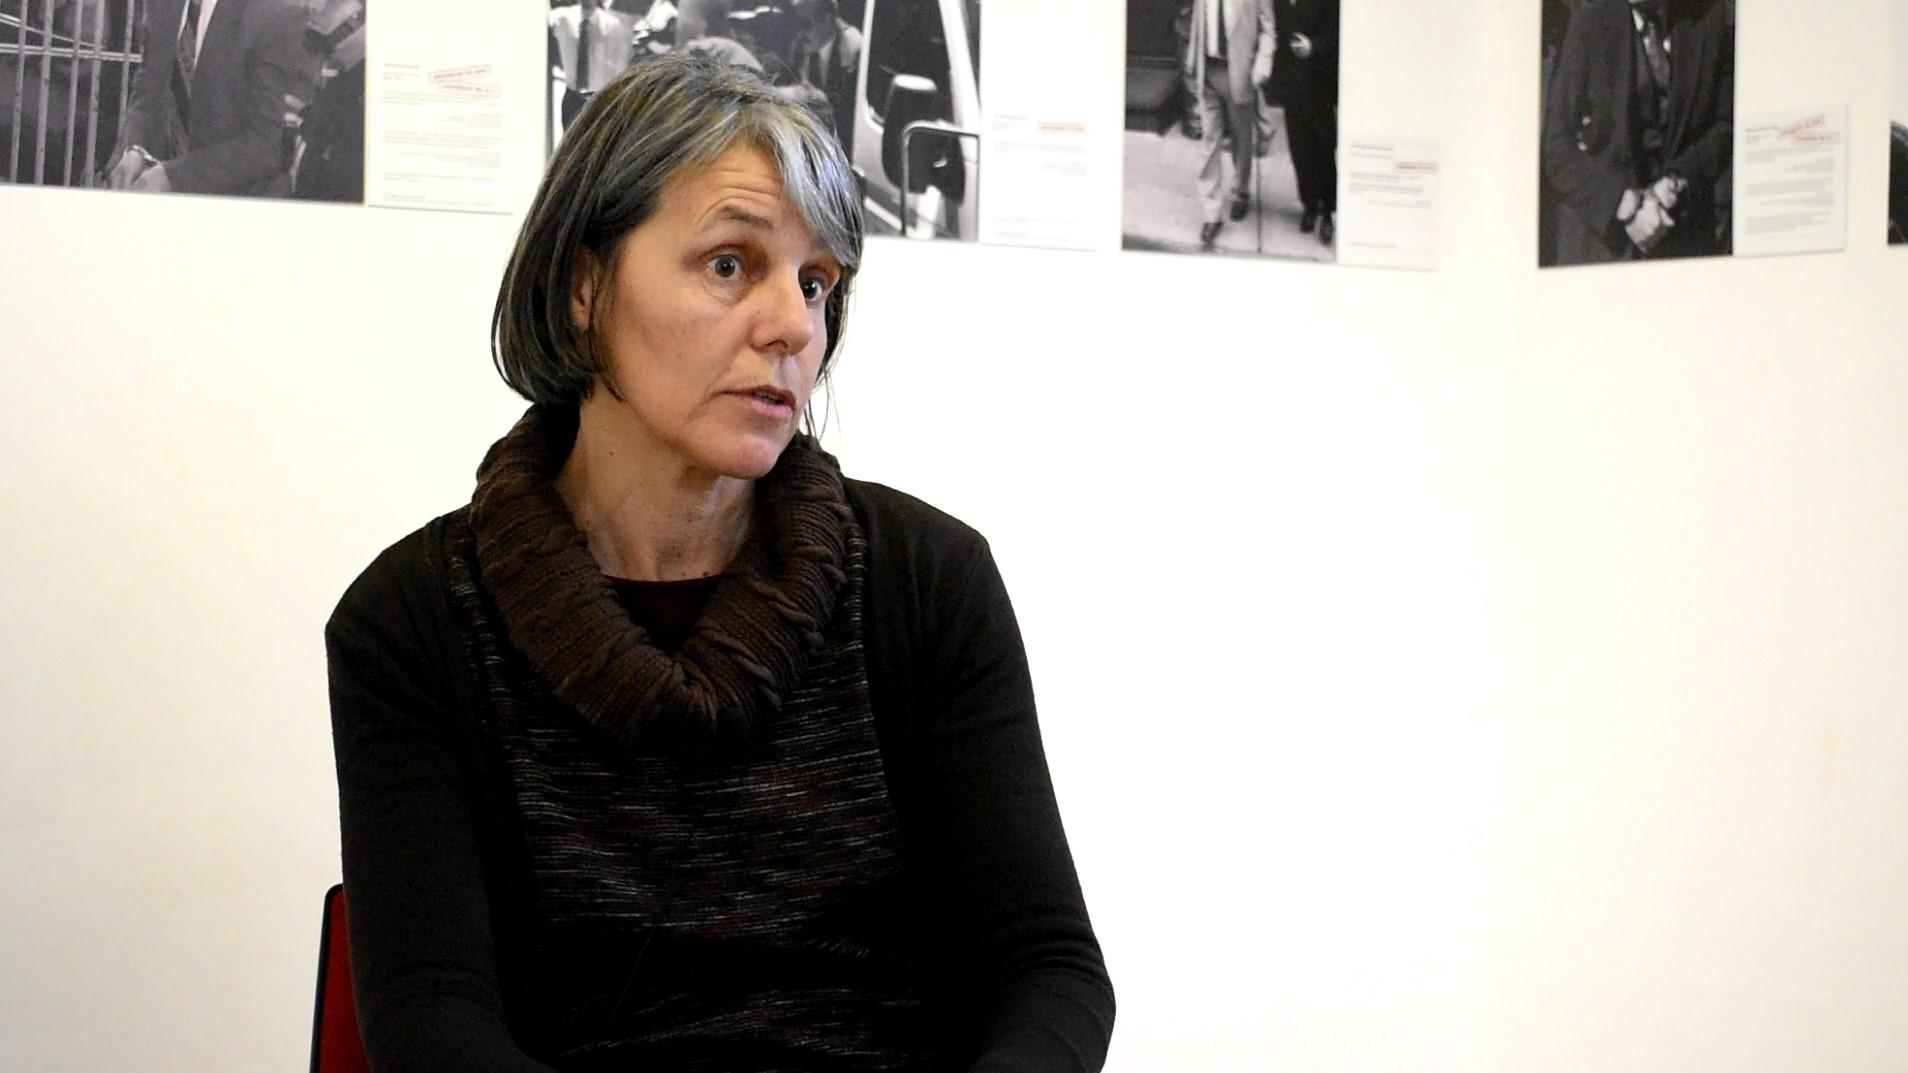 Mariana Mota es directora de la Institución Nacional de Derechos Humanos y Defensoría del Pueblo (INDDHH)